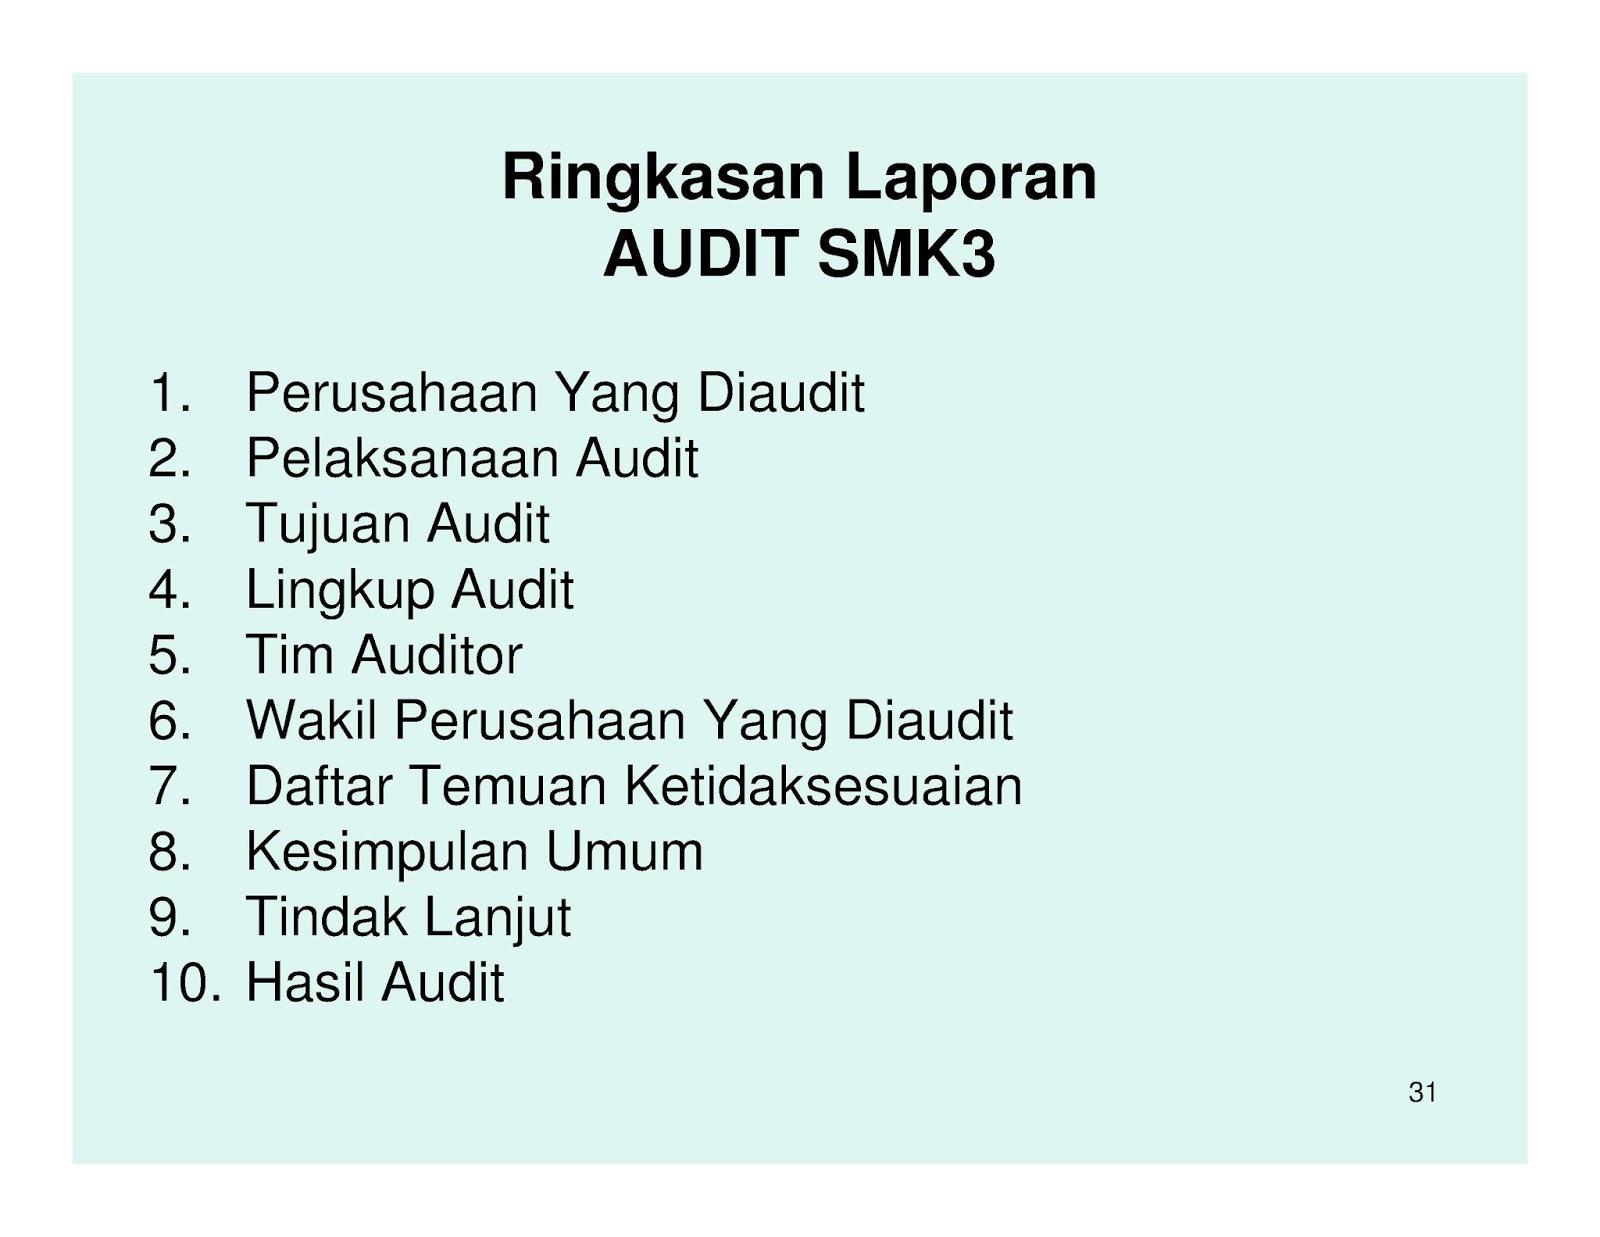 Contoh Audit Sistem Manajemen K3 Smk3 Toak Senpai